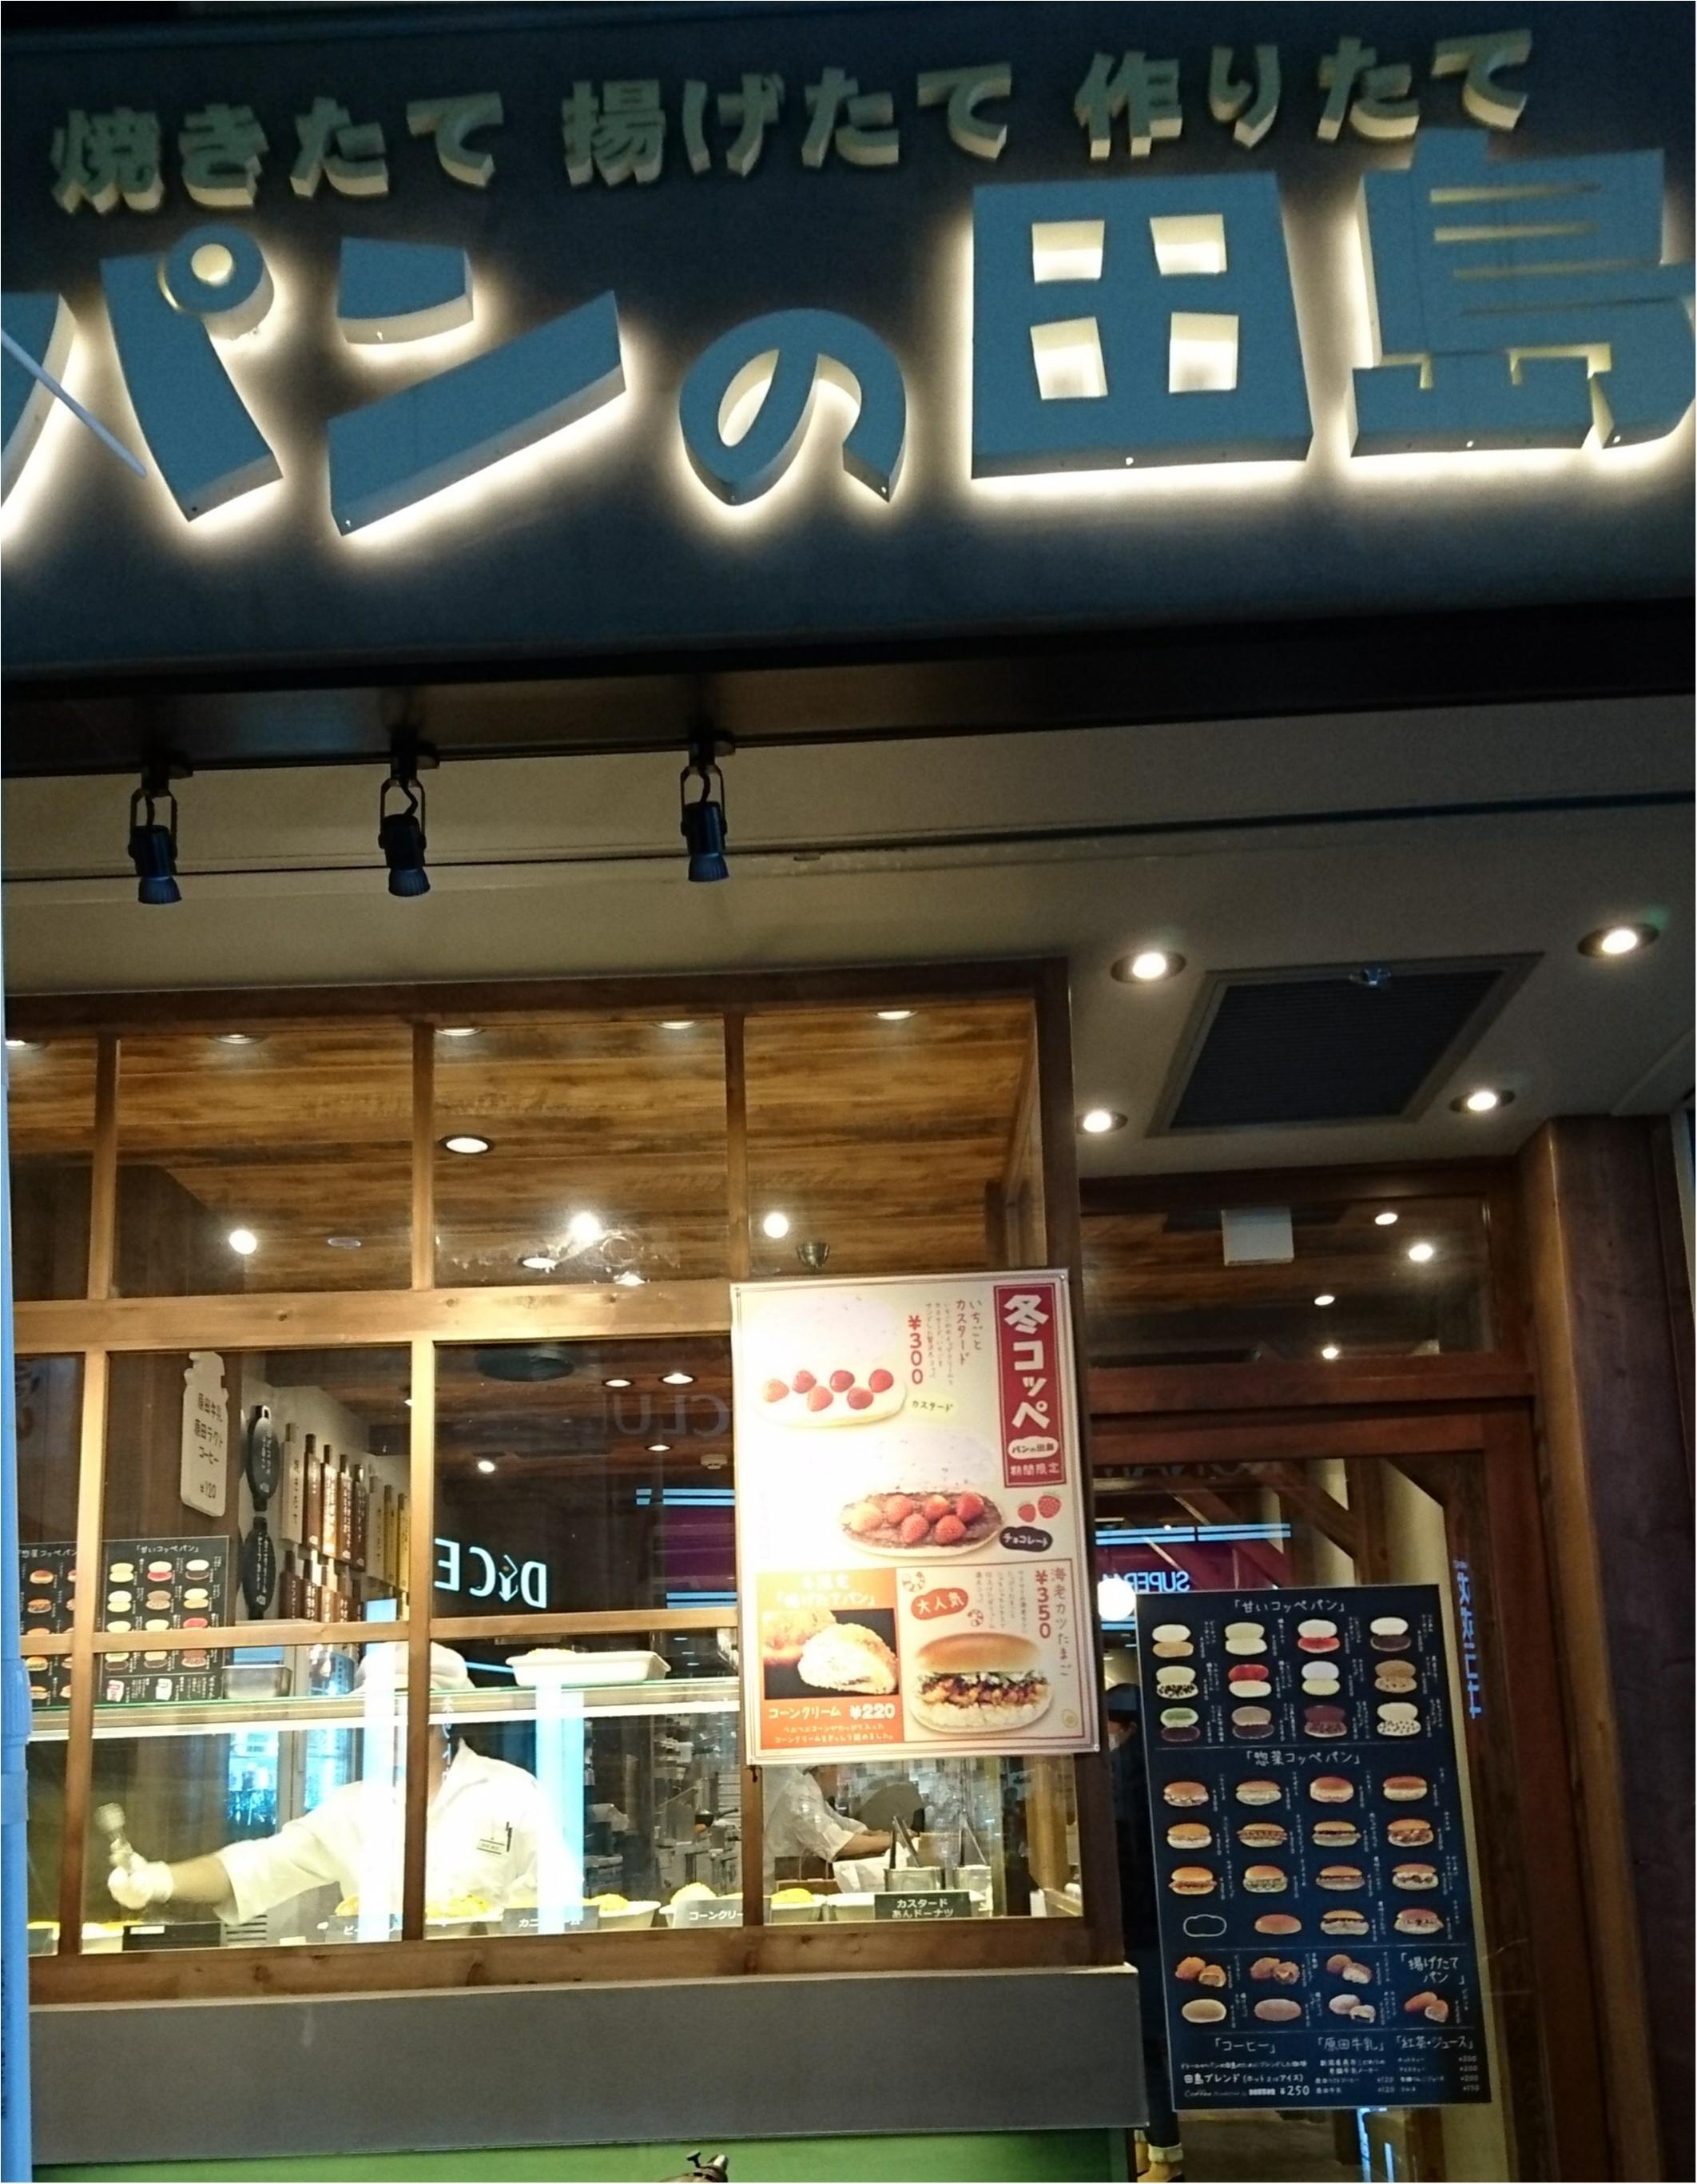 ふわふわすぎる幸せのパンケーキ♡からの気になっていたあの有名なコッペパン(*´-`)_2